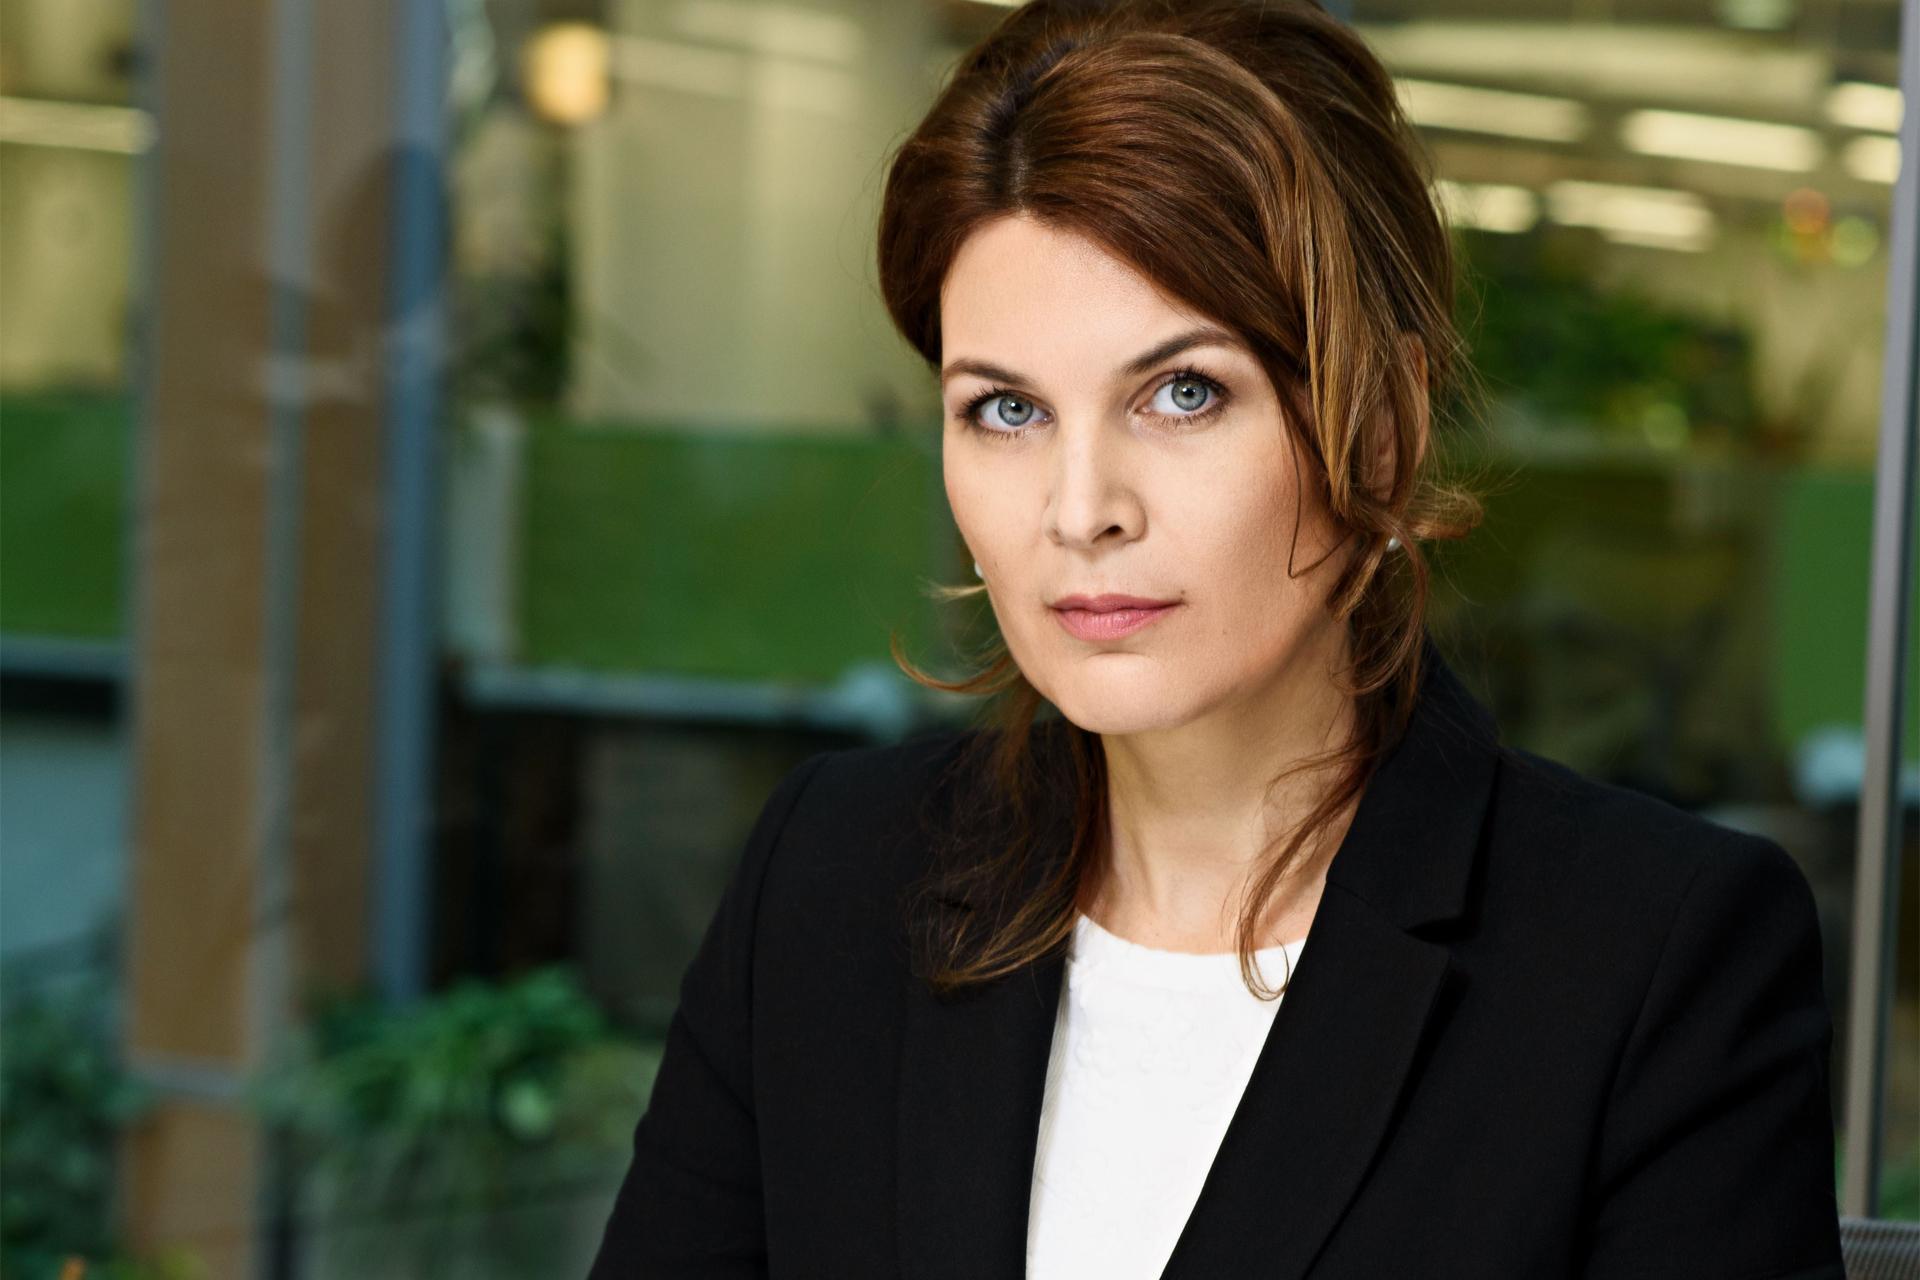 «МегаФон» объявляет о назначении Натальи Талдыкиной на должность директора по развитию корпоративного бизнеса